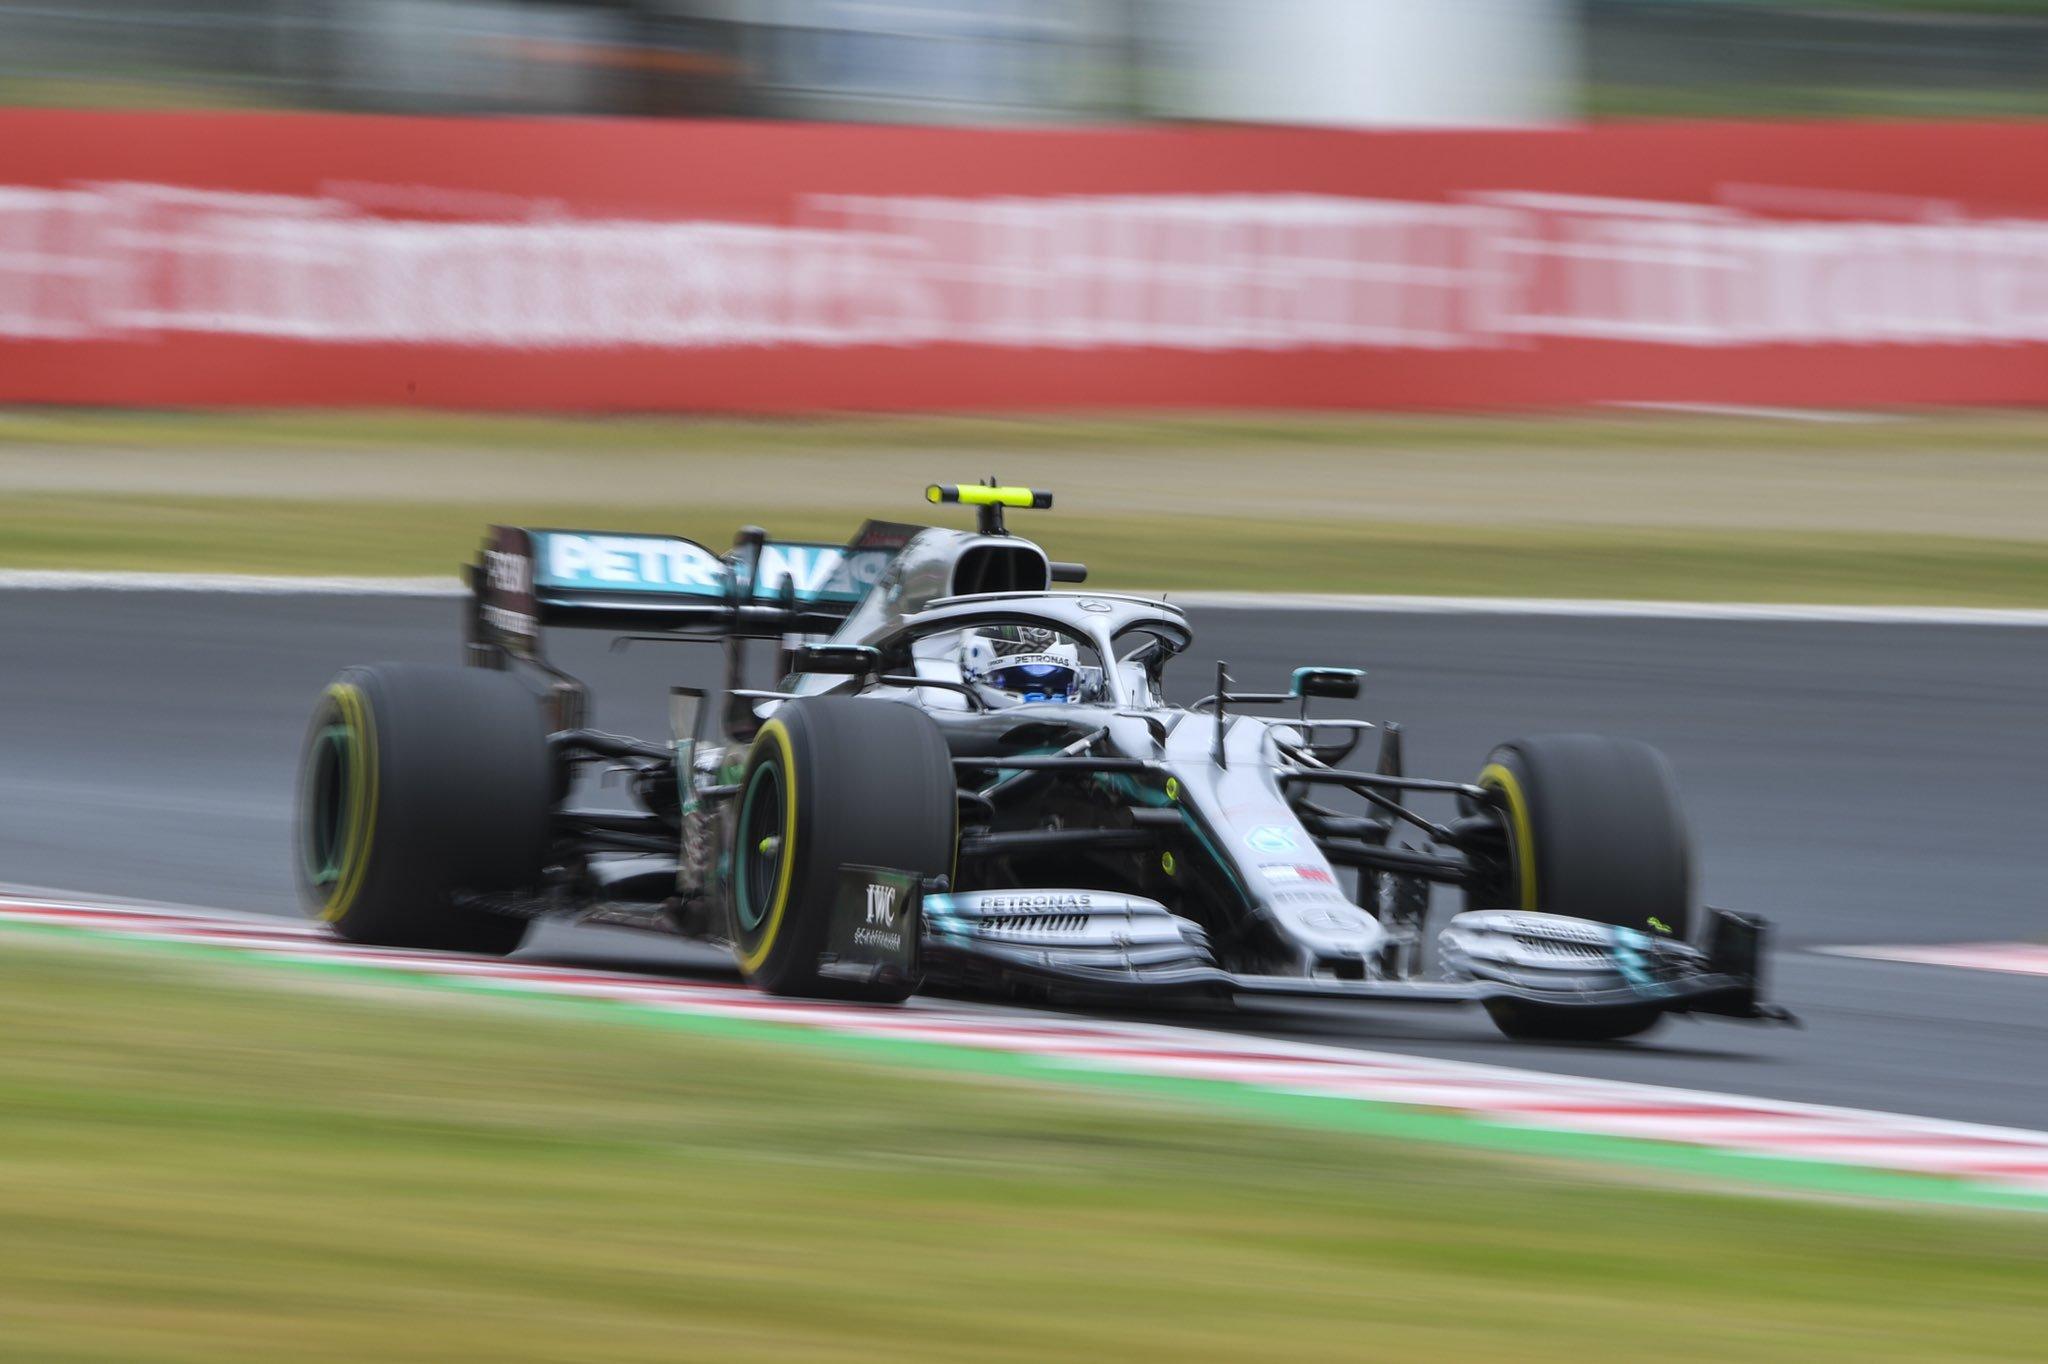 Foto de TL1 Suzuka – Vatteri Bottas lidera dobradinha da Mercedes, com a Ferrari separada por cerca de 1 segundo